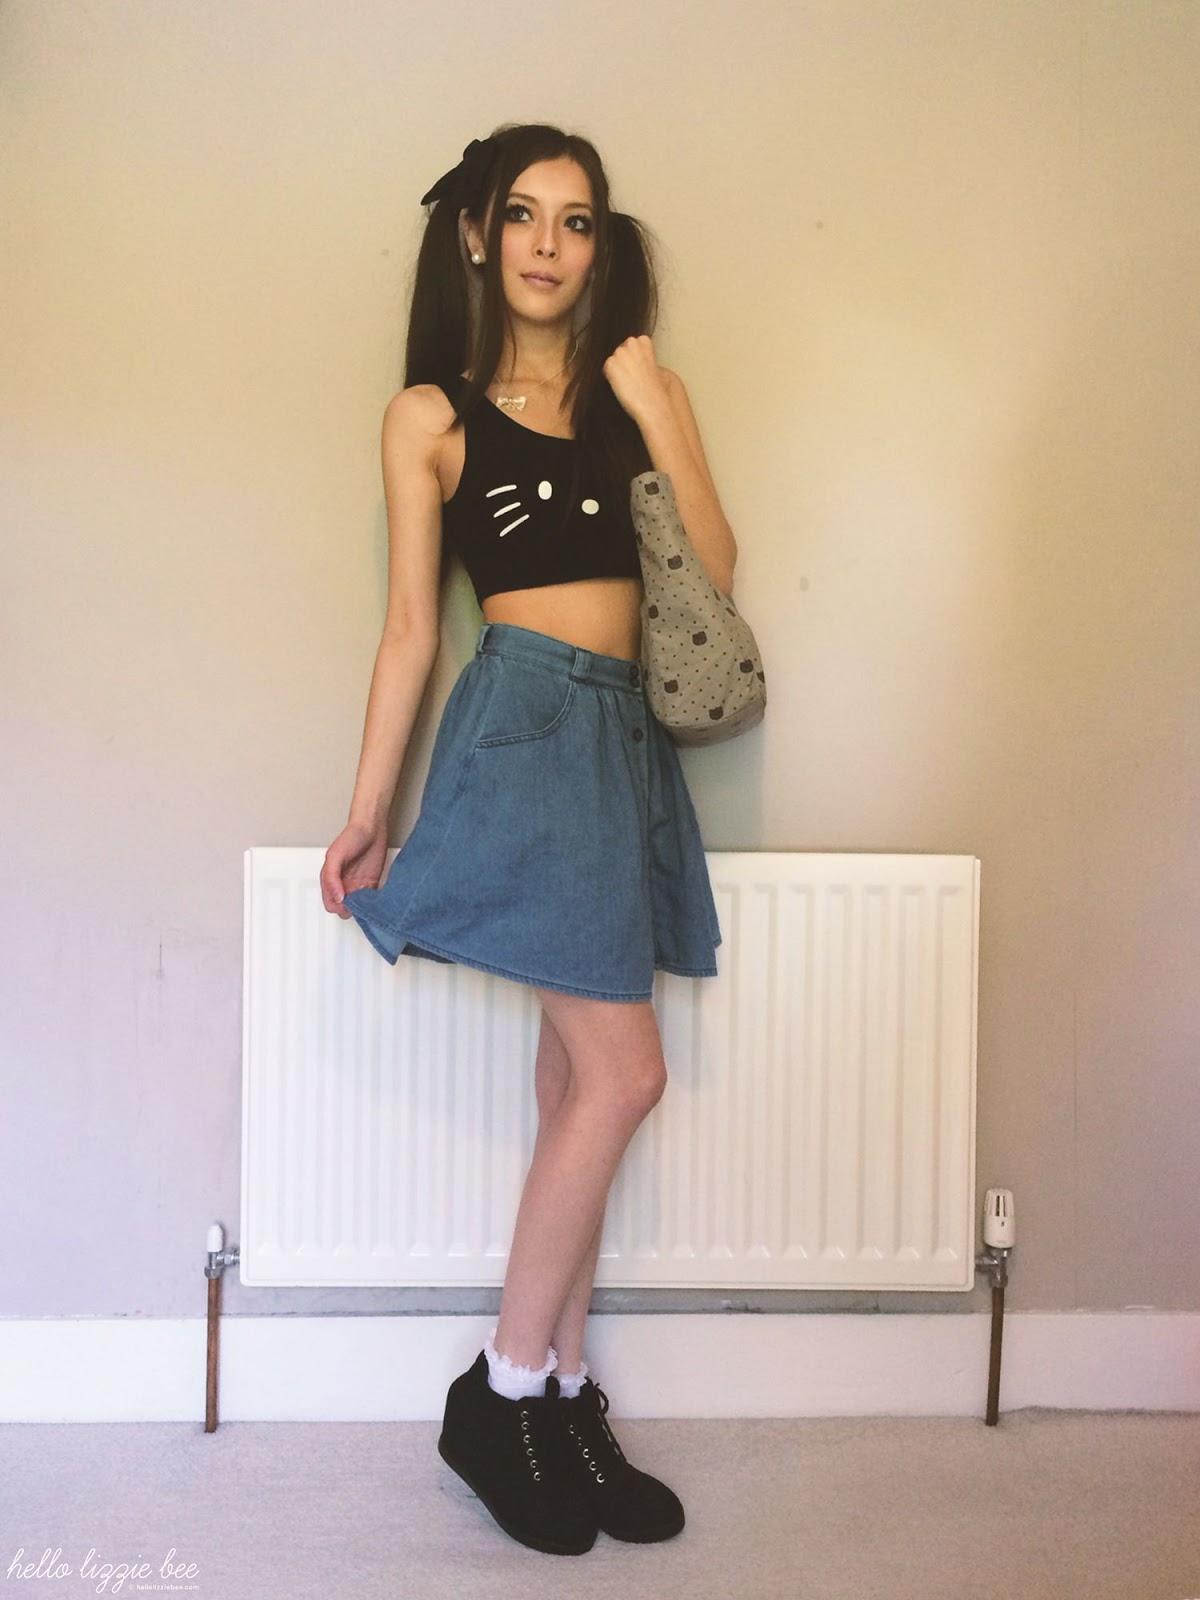 sanrio outfit, jfashion, kawaii fashion